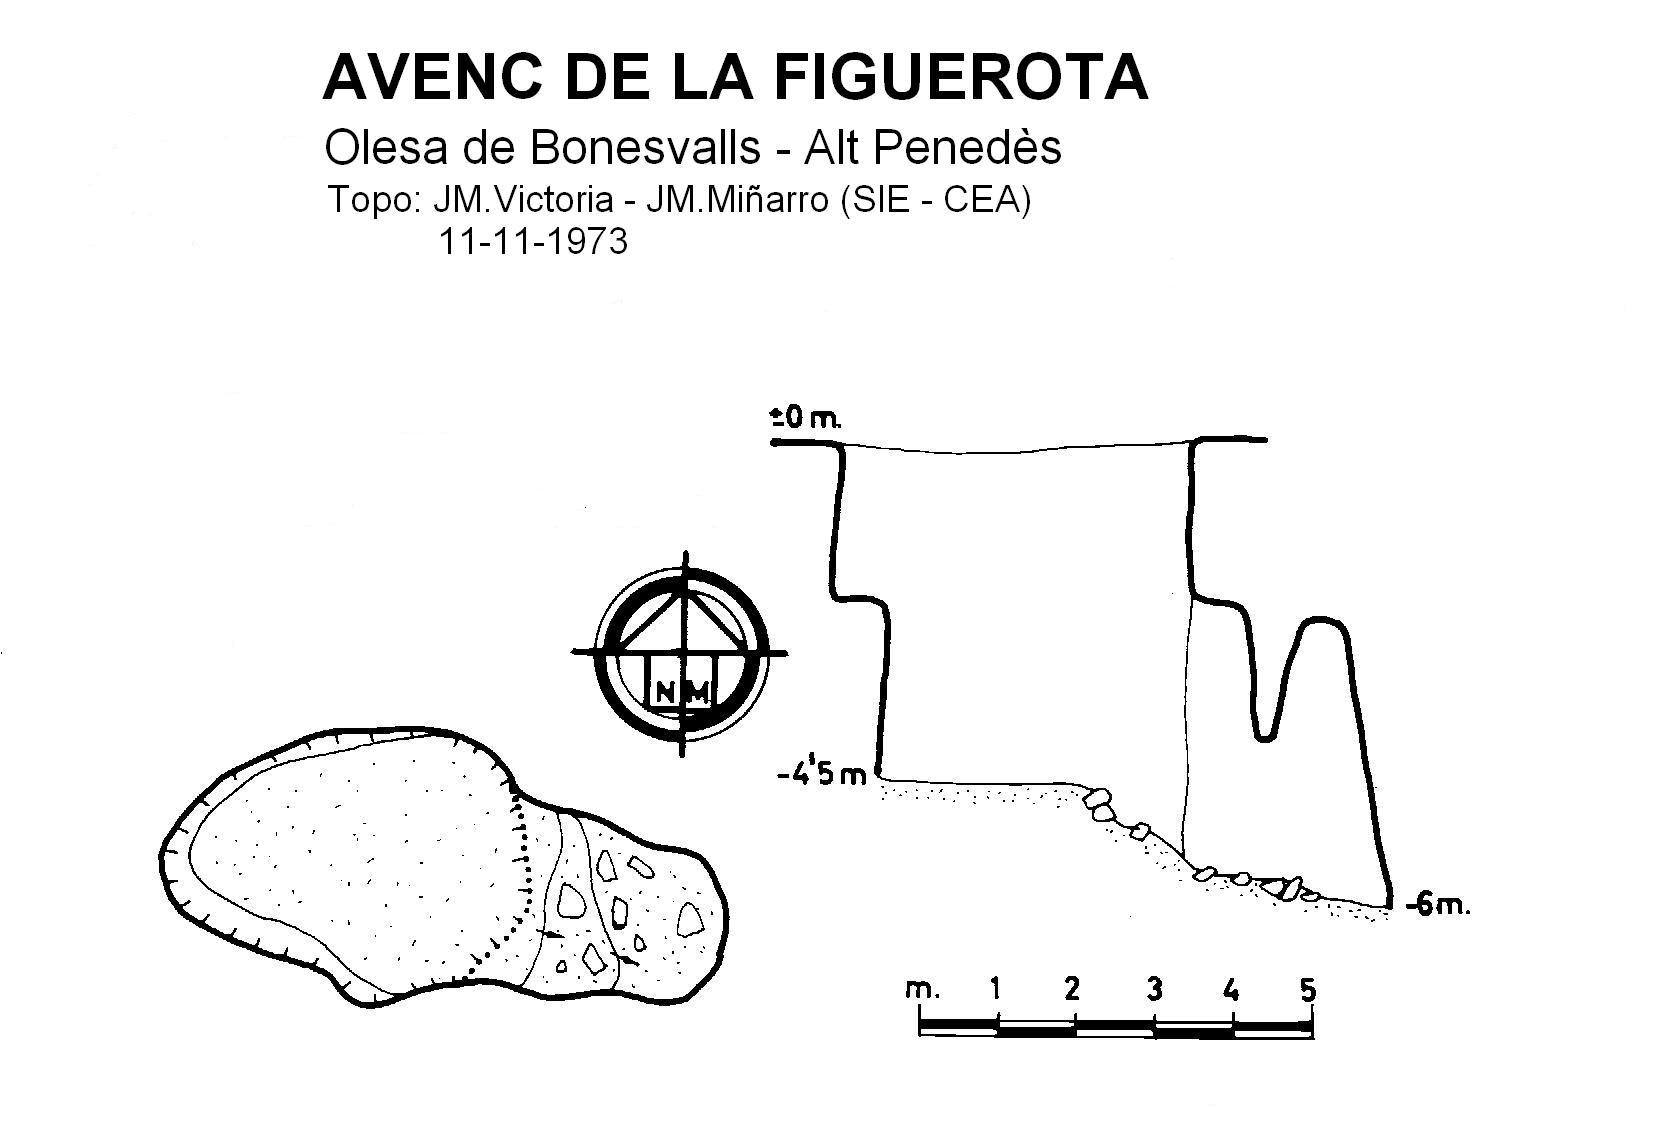 topo Avenc de la Figuerota